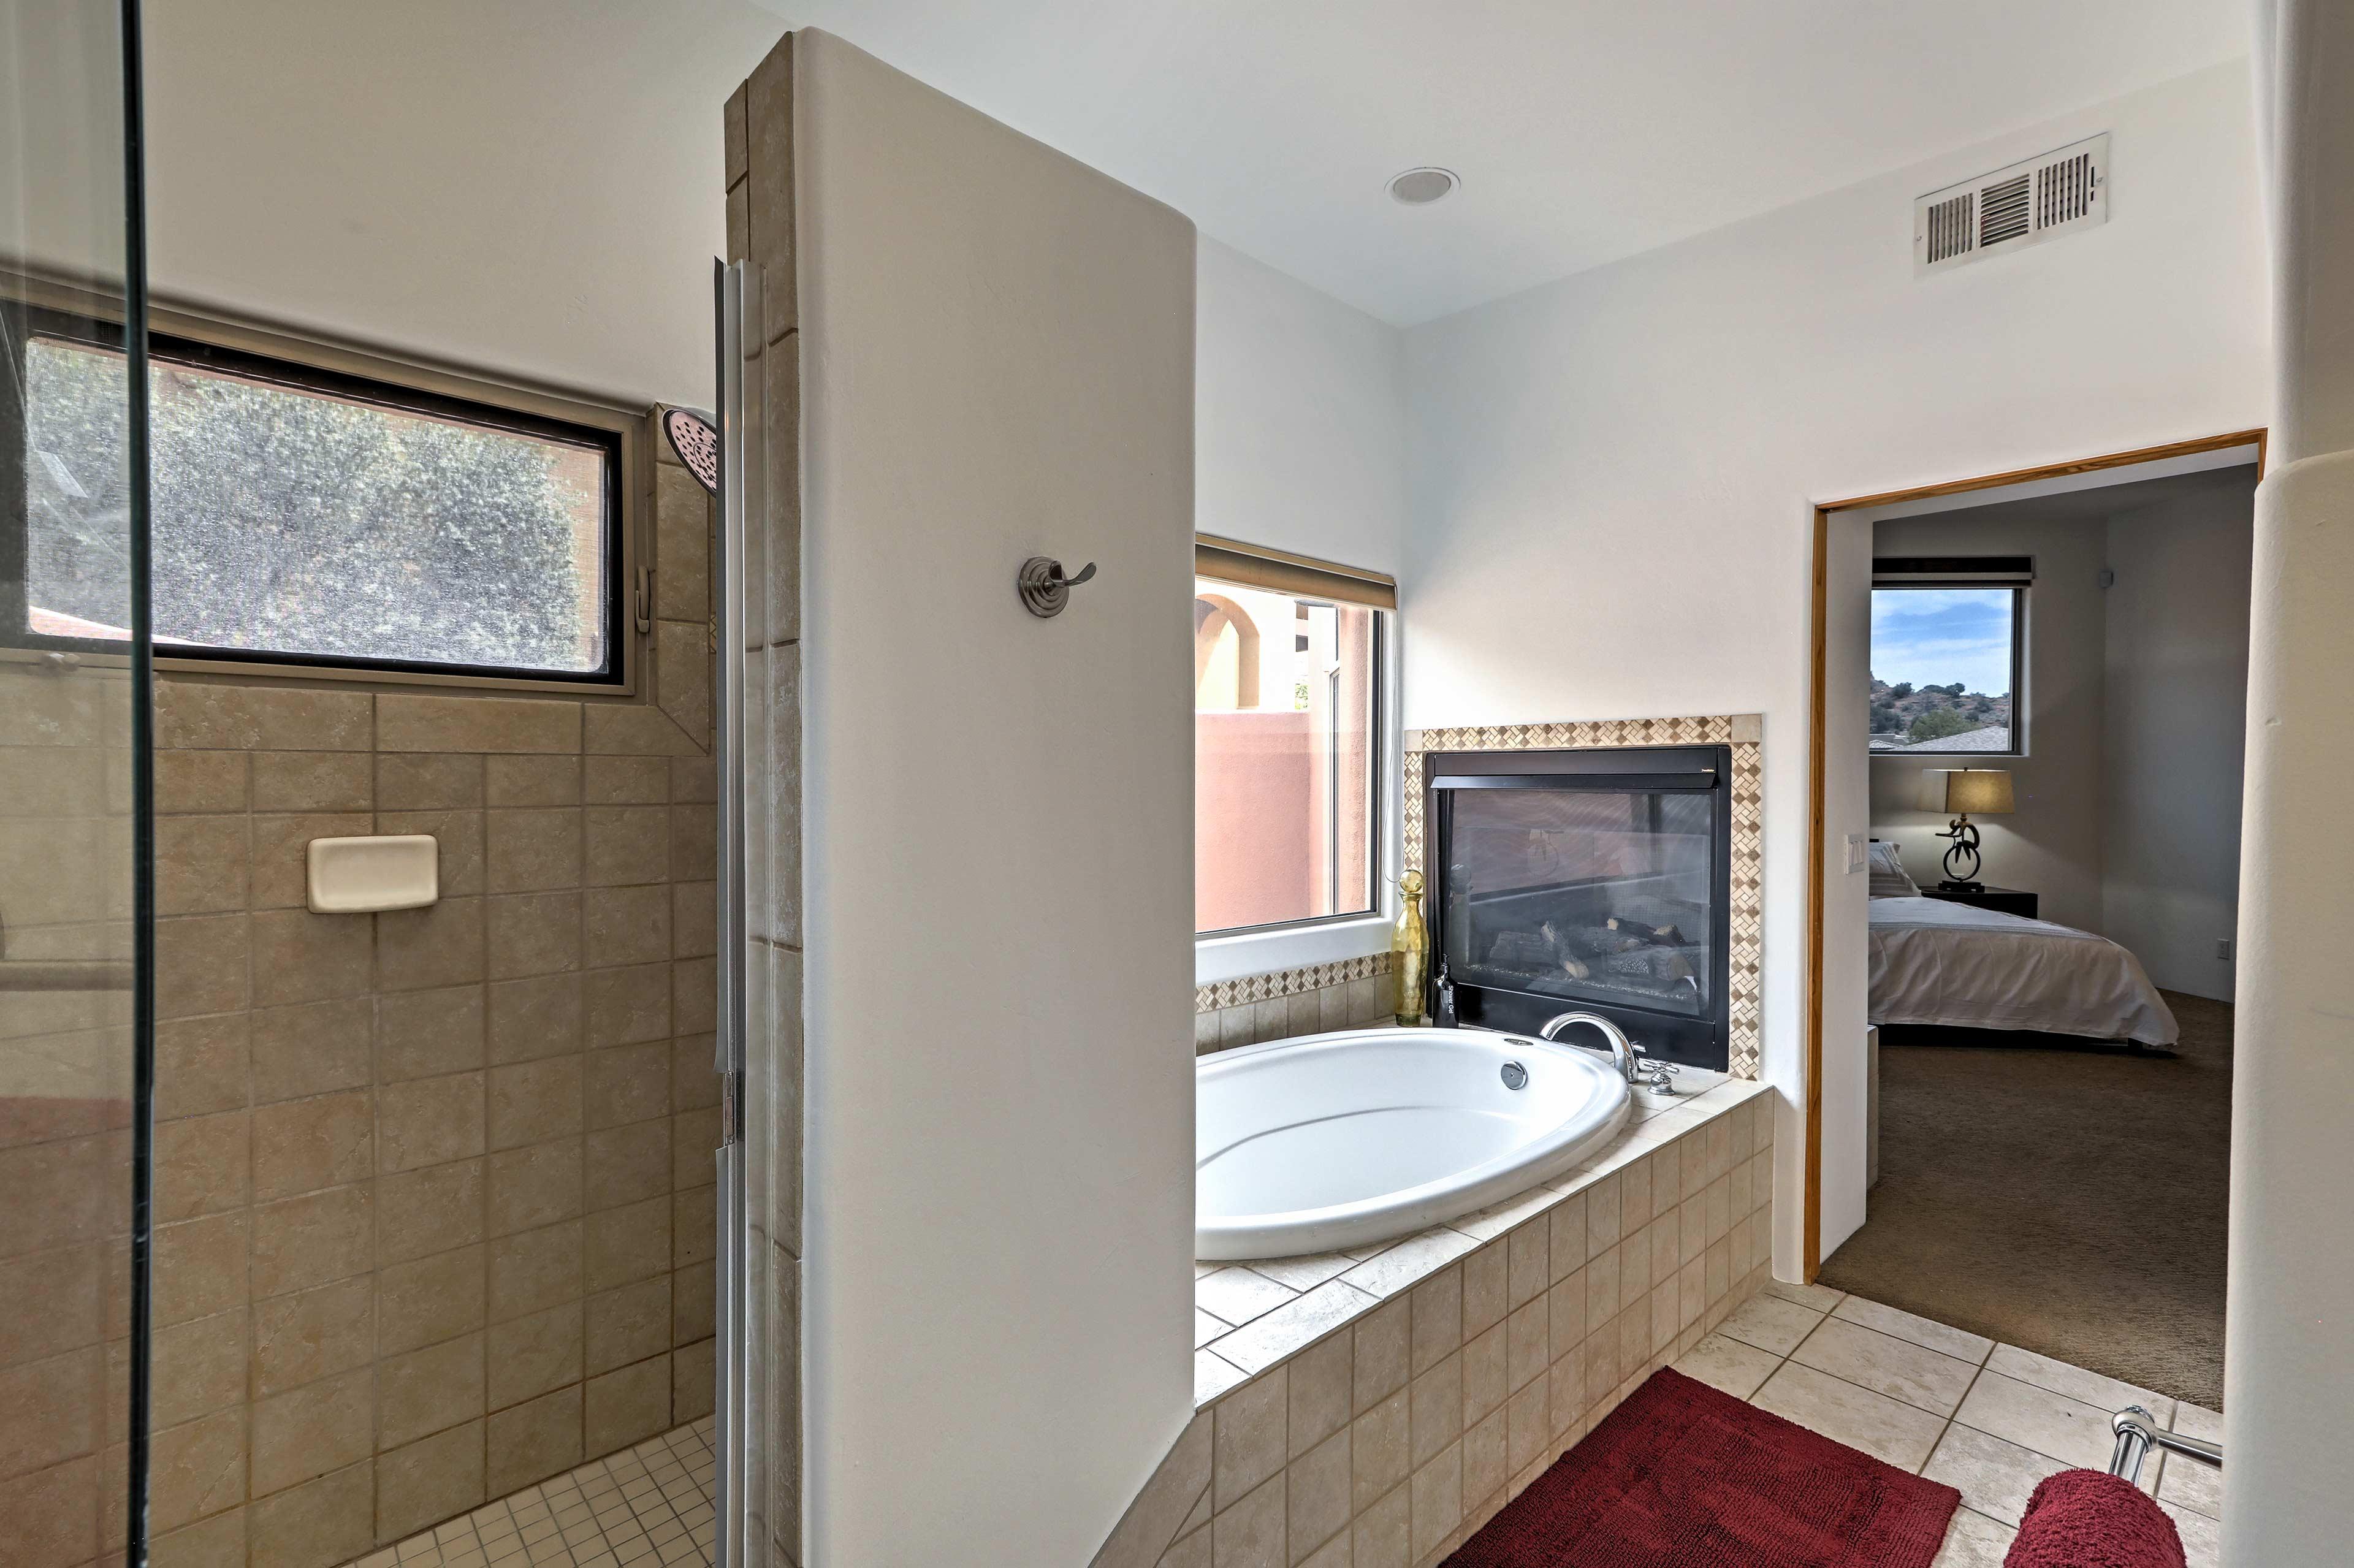 Enjoy a long soak alongside the gas fireplace in the garden tub.